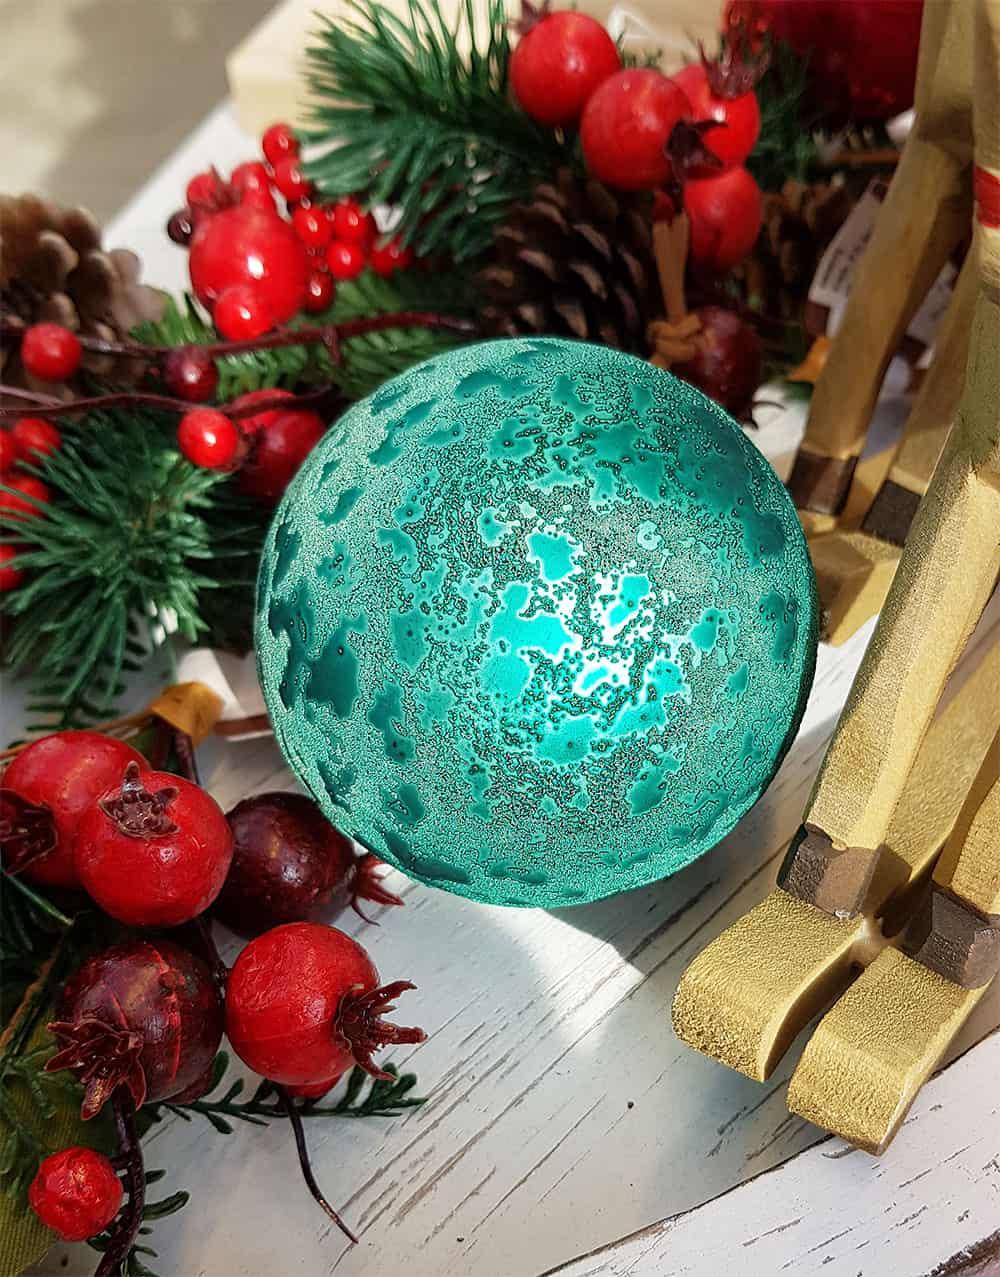 Christbaumkugeln Türkis Glas.Weihnachtskugeln Türkis Christbaumkugeln